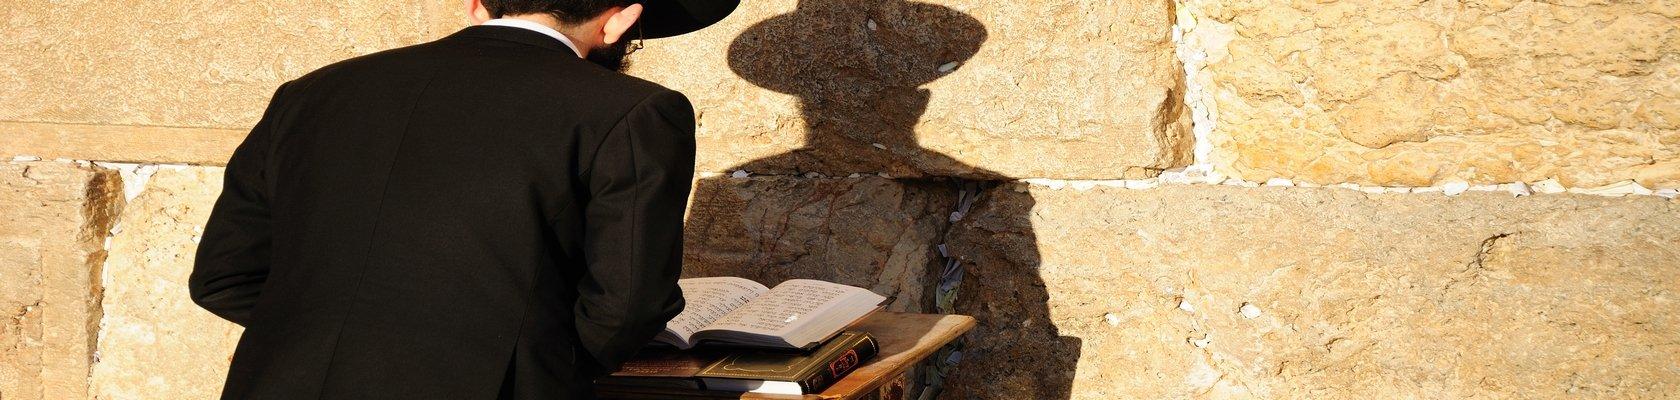 Klaagmuur in de Oude Stad van Jeruzalem